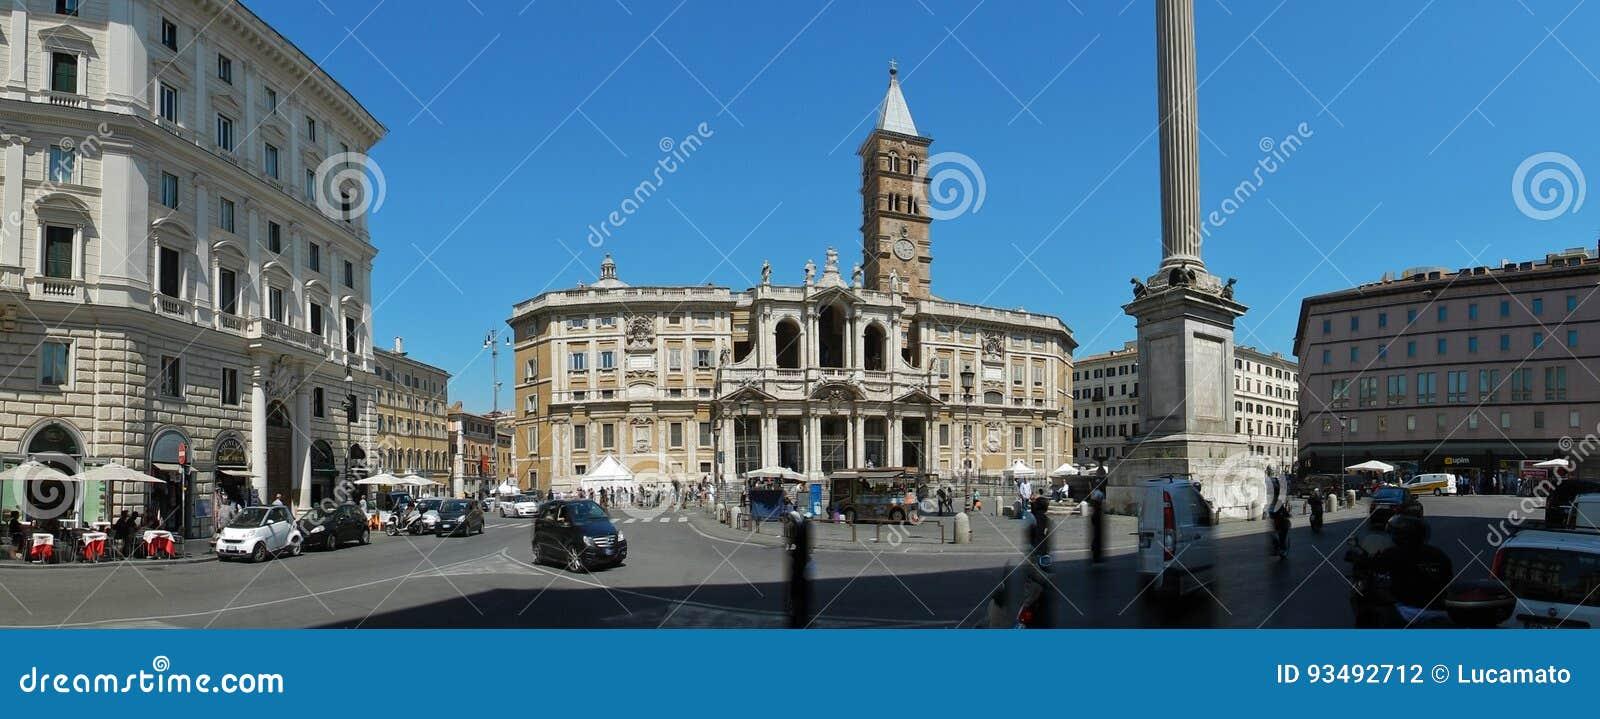 Rome - överblick av den påvliga basilikan av Santa Maria Maggiore